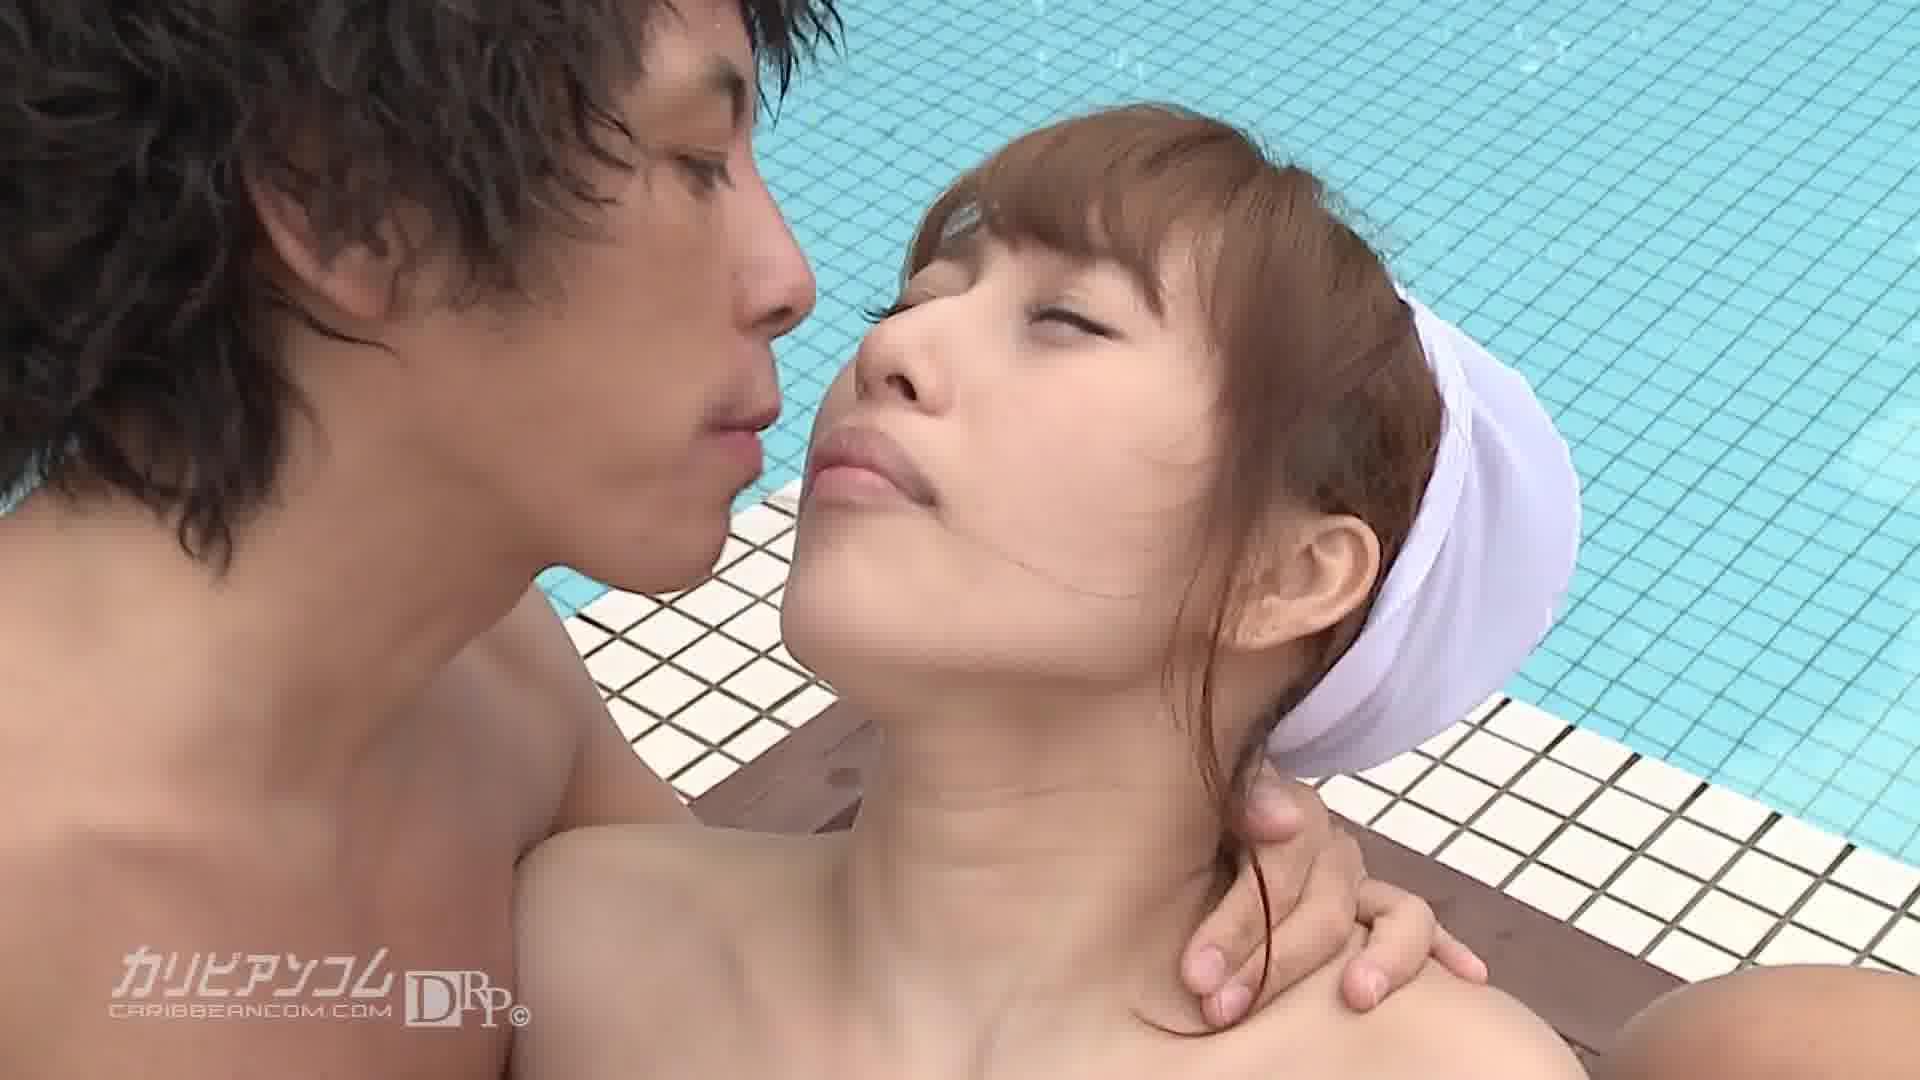 全裸de登校日 Part.2 - 薫ひな【乱交・水着・野外露出】